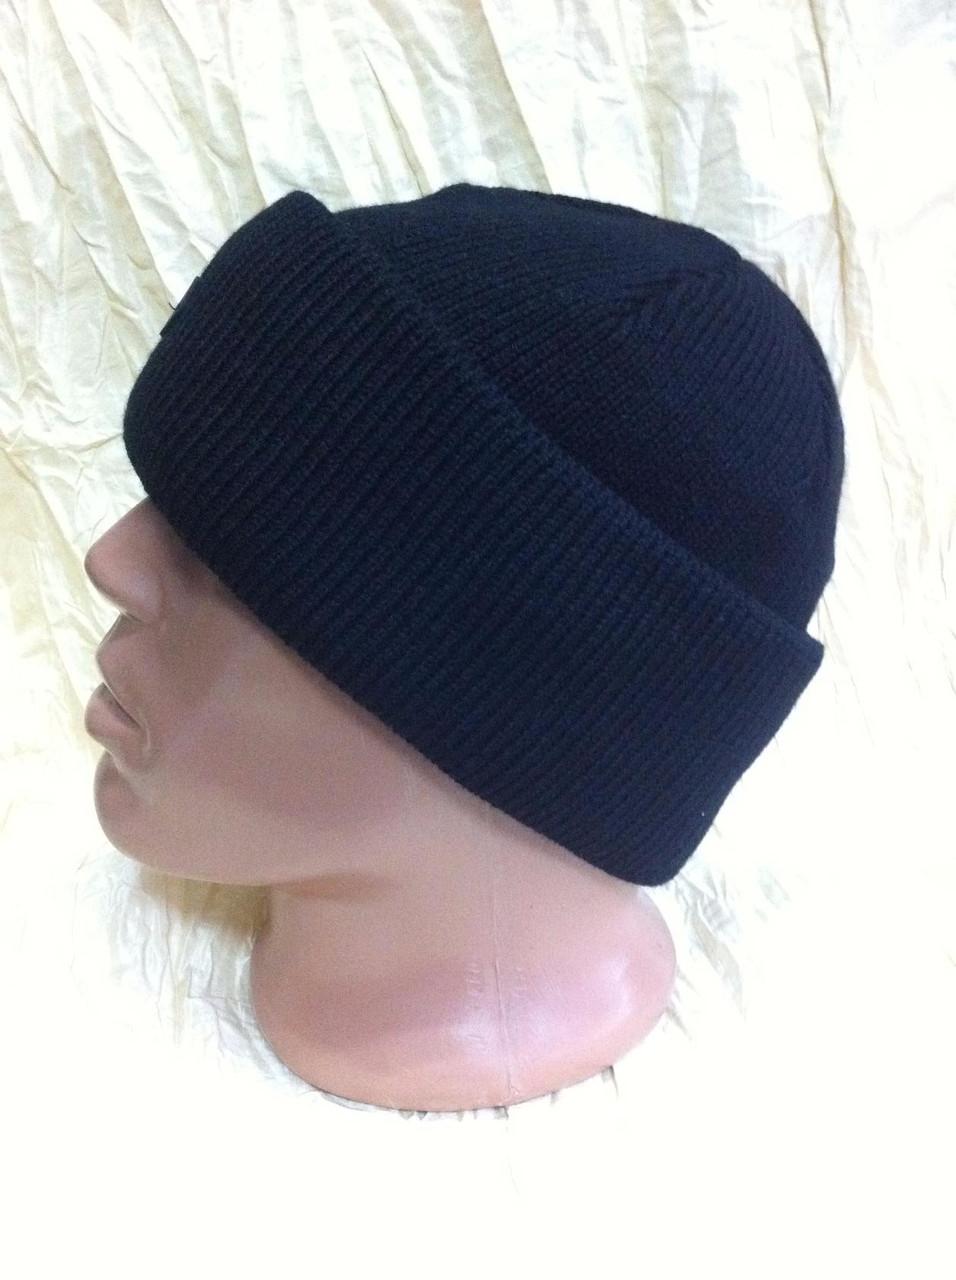 мужская вязанная шапка двойная с отворотом  большого размера